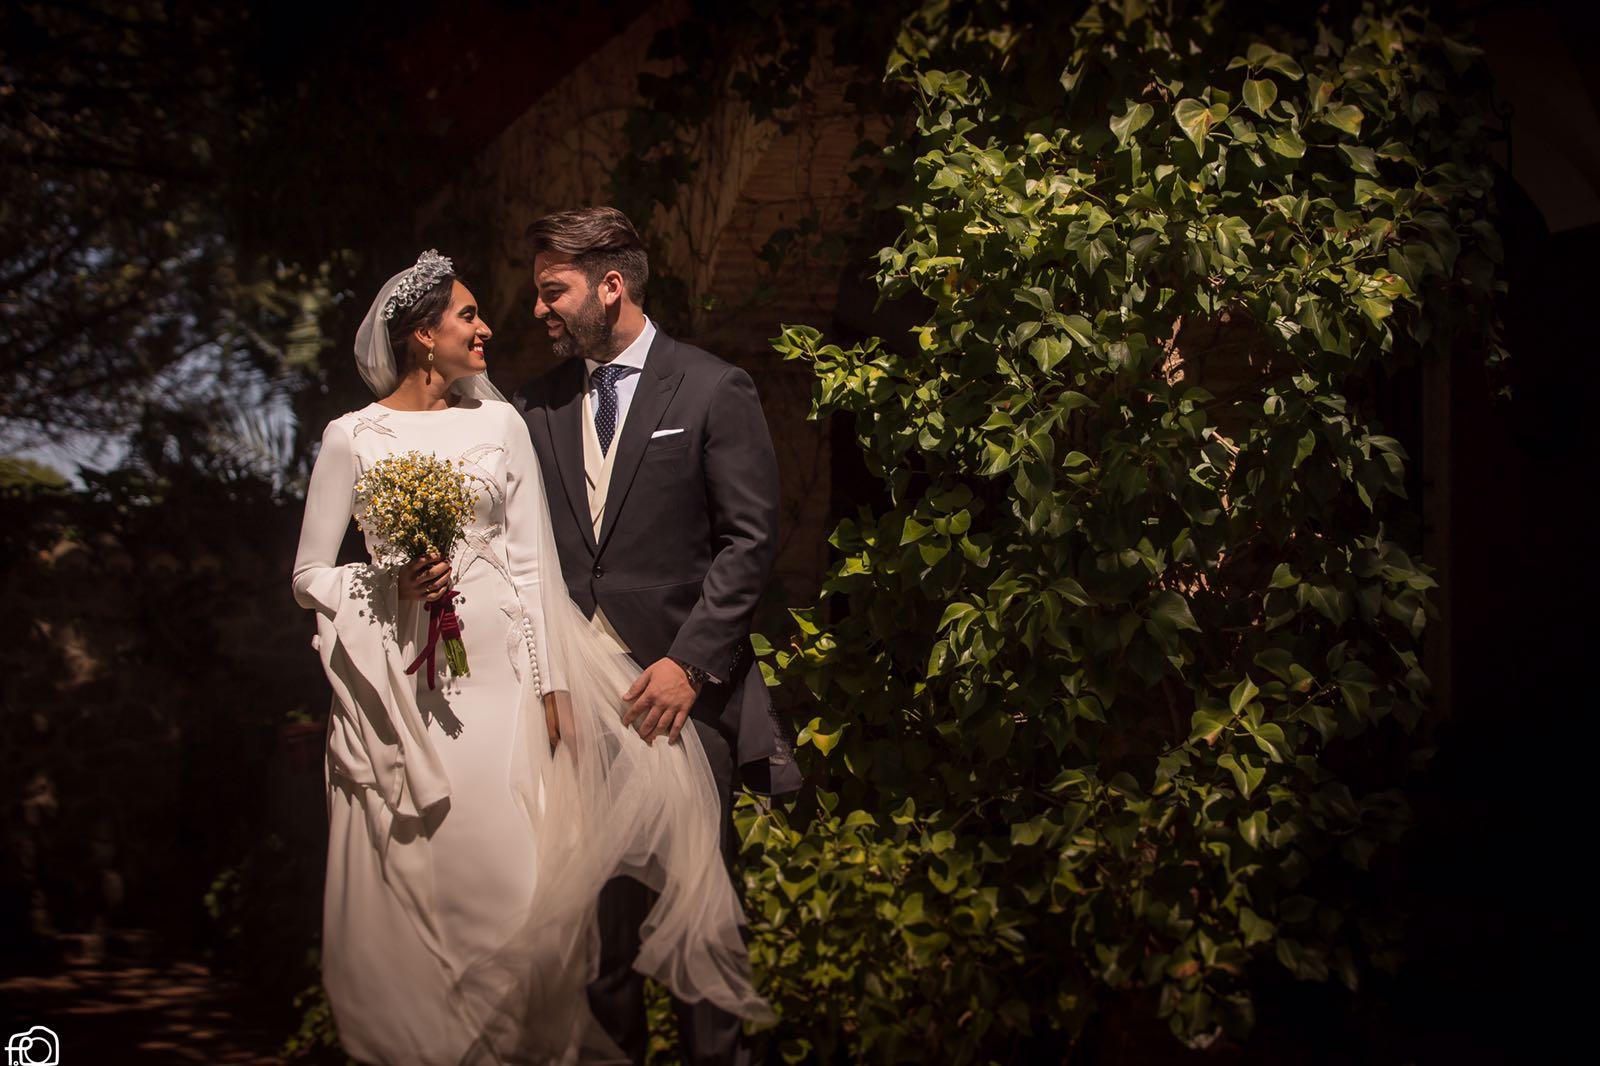 descubre en el blog de bodas wedding ideas wedding ideas la boda de Loubna y Carlos